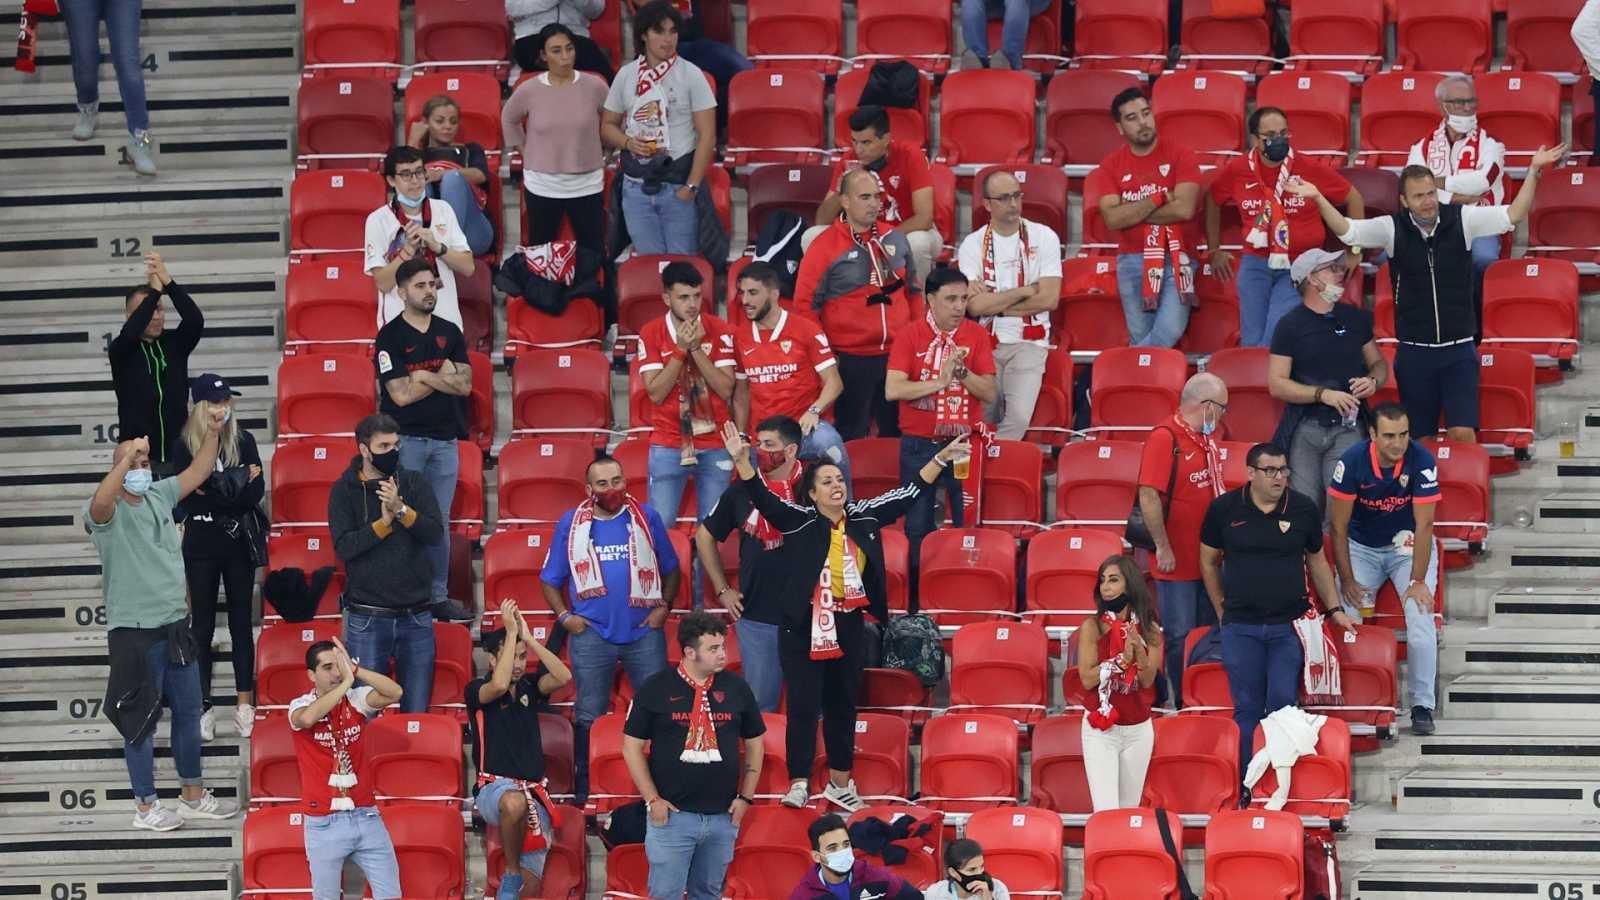 Varios aficionados sevillistas durante la finald e la Supercopa de Europa